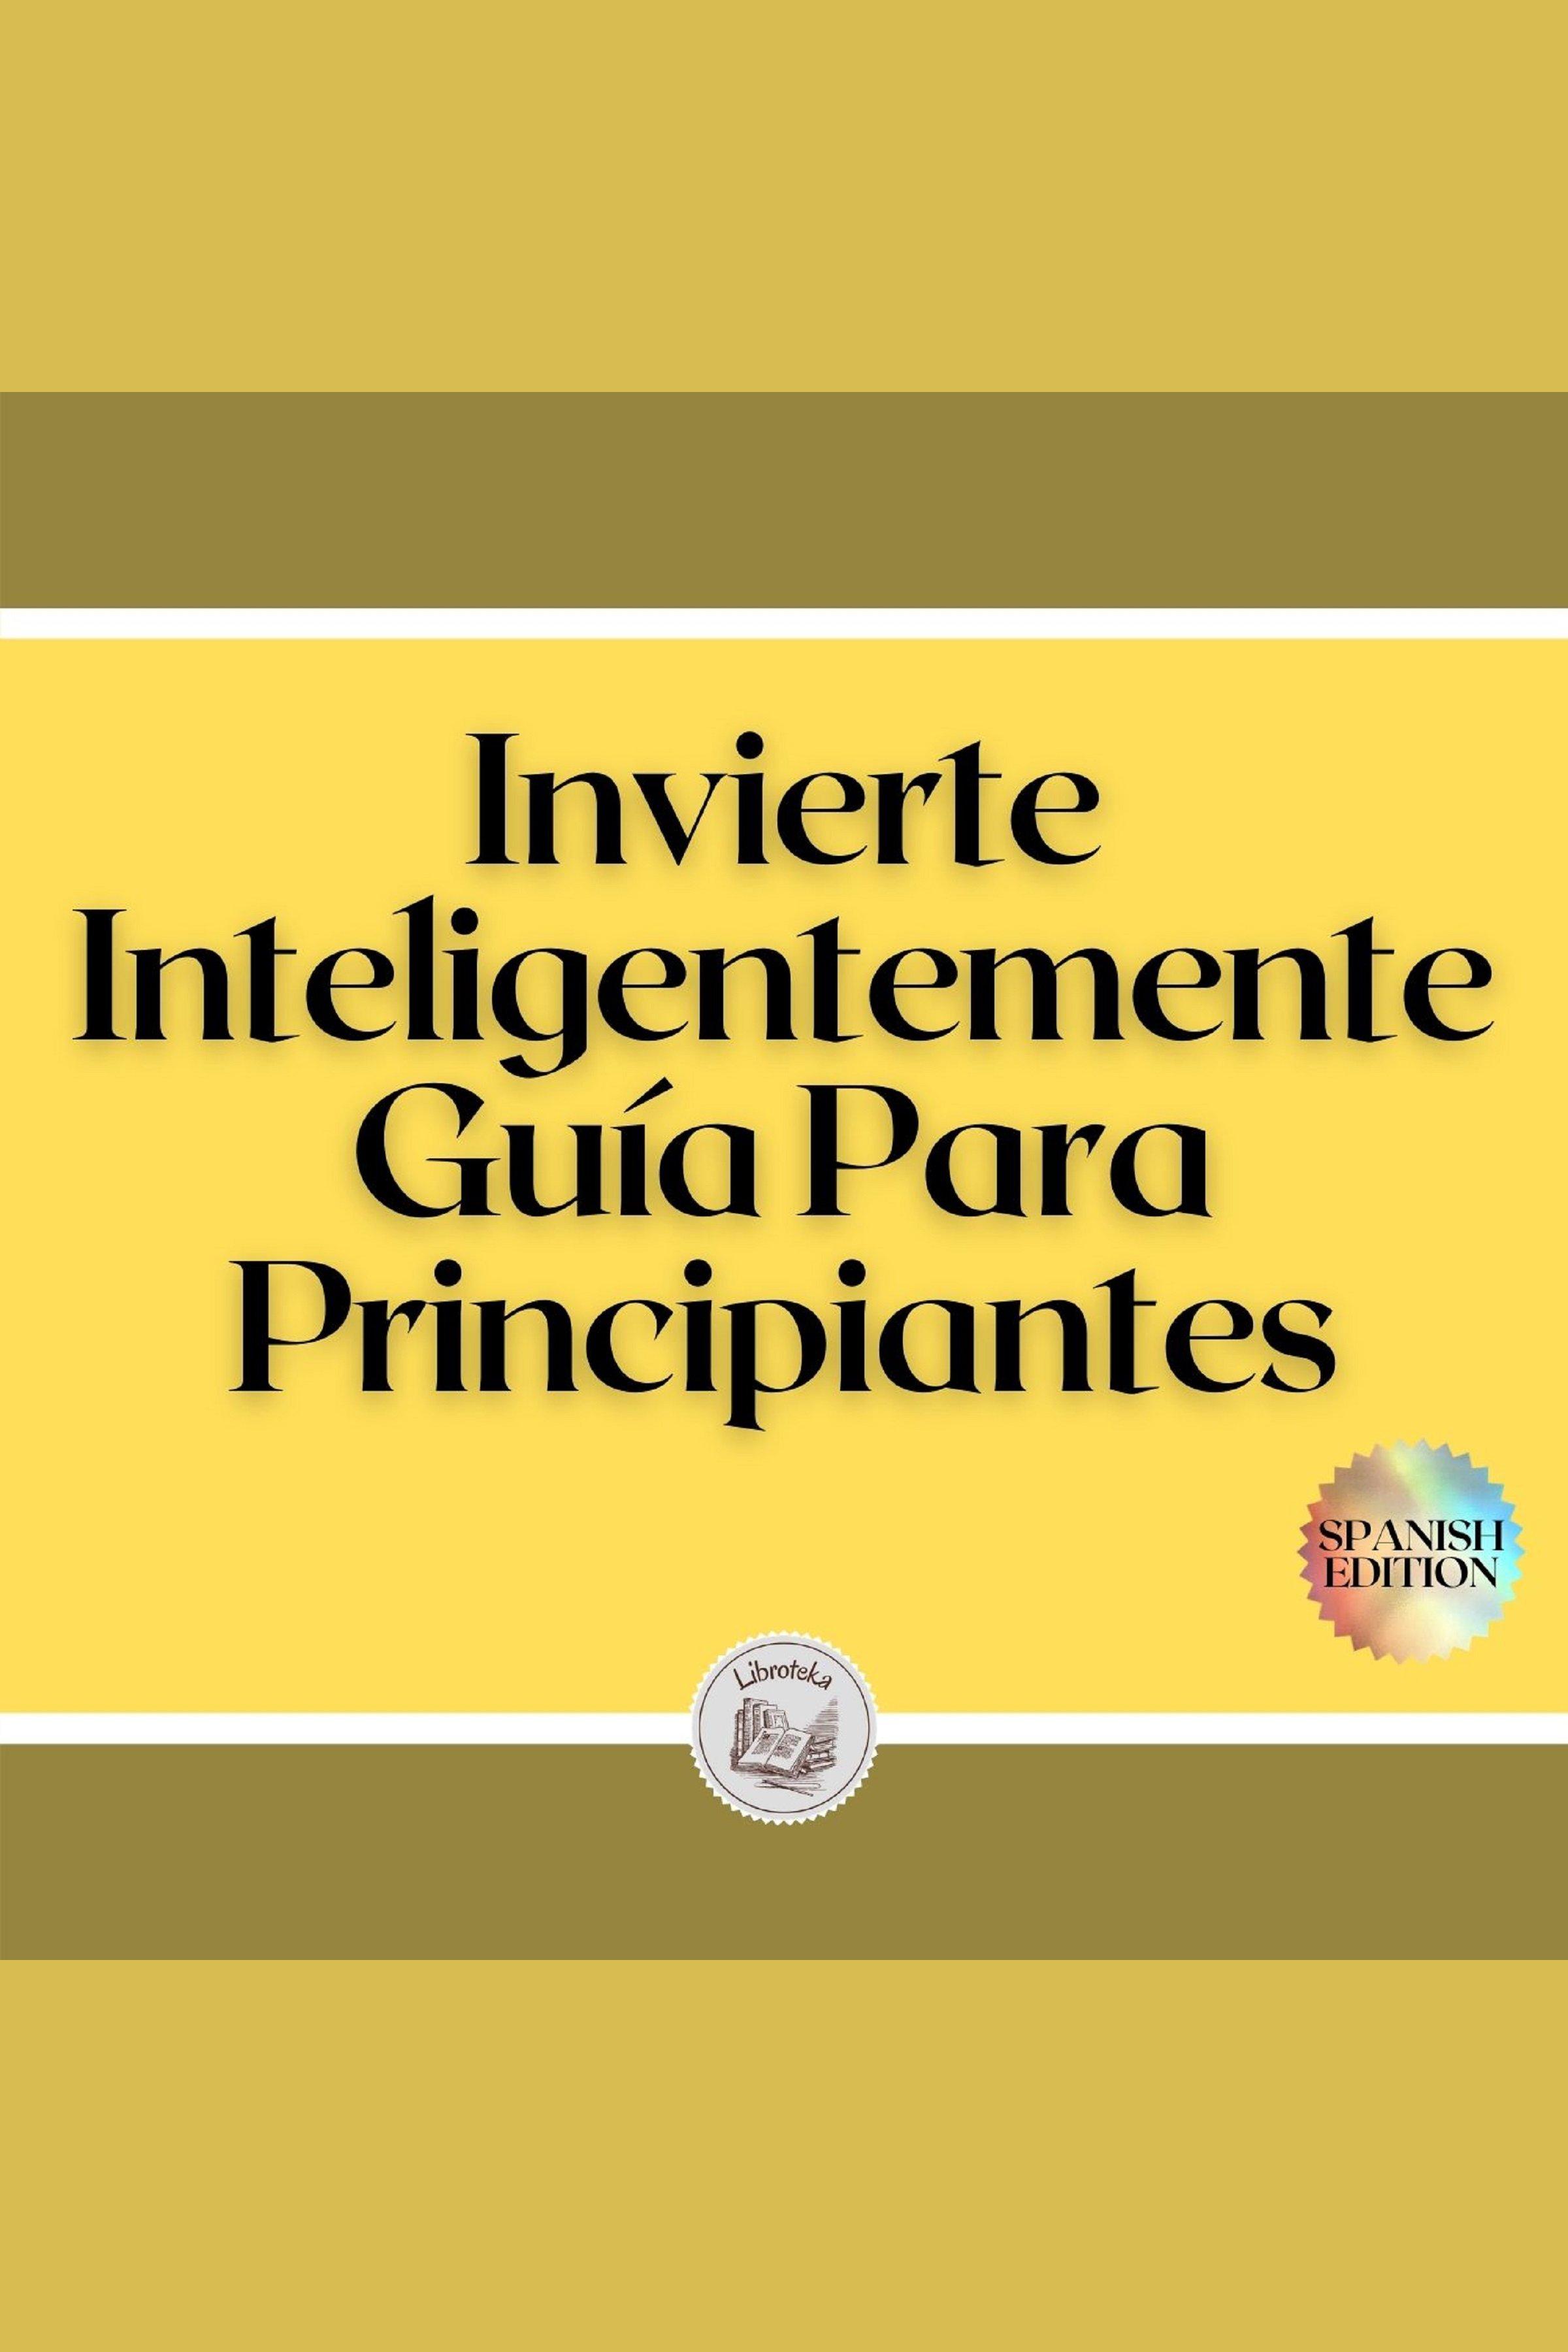 Esta es la portada del audiolibro Invierte Inteligentemente: Guía Para Principiantes